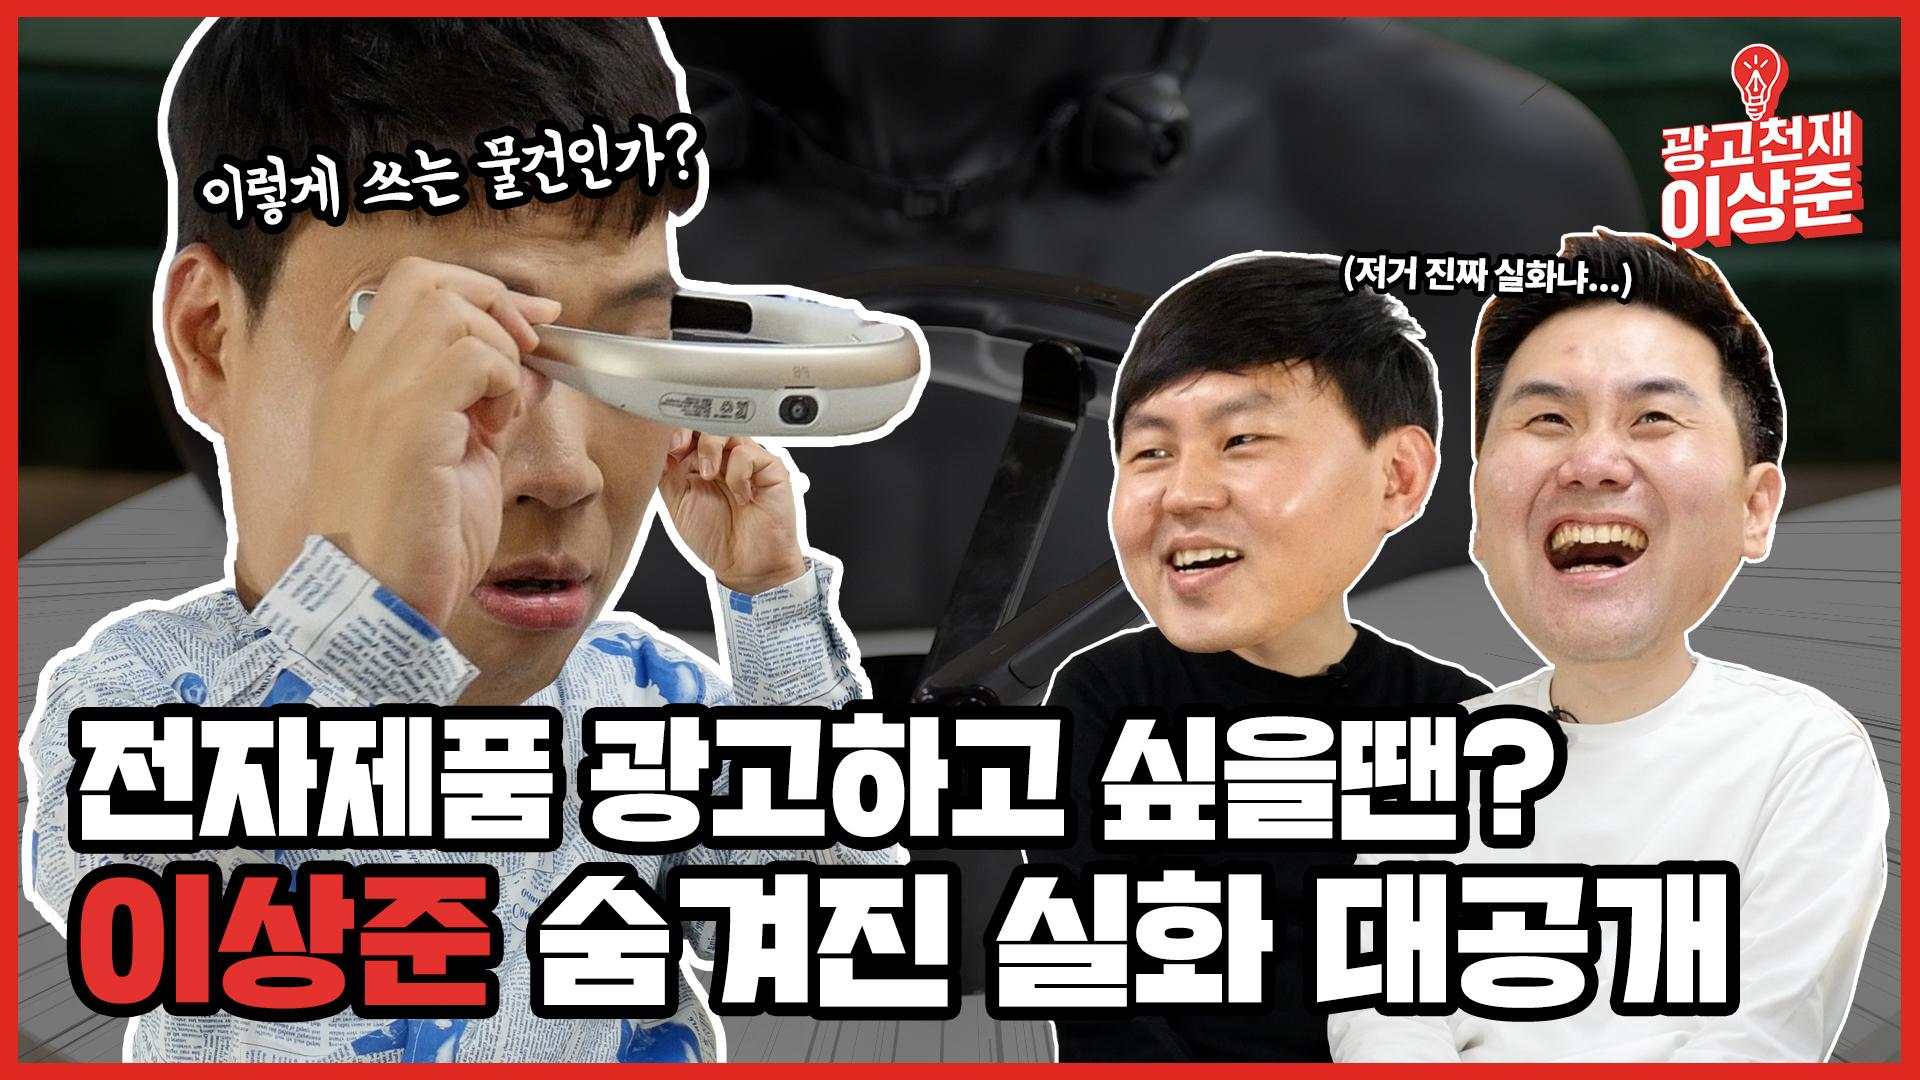 광고천재 이상준, 드디어 전자제품 광고 기획 도전!